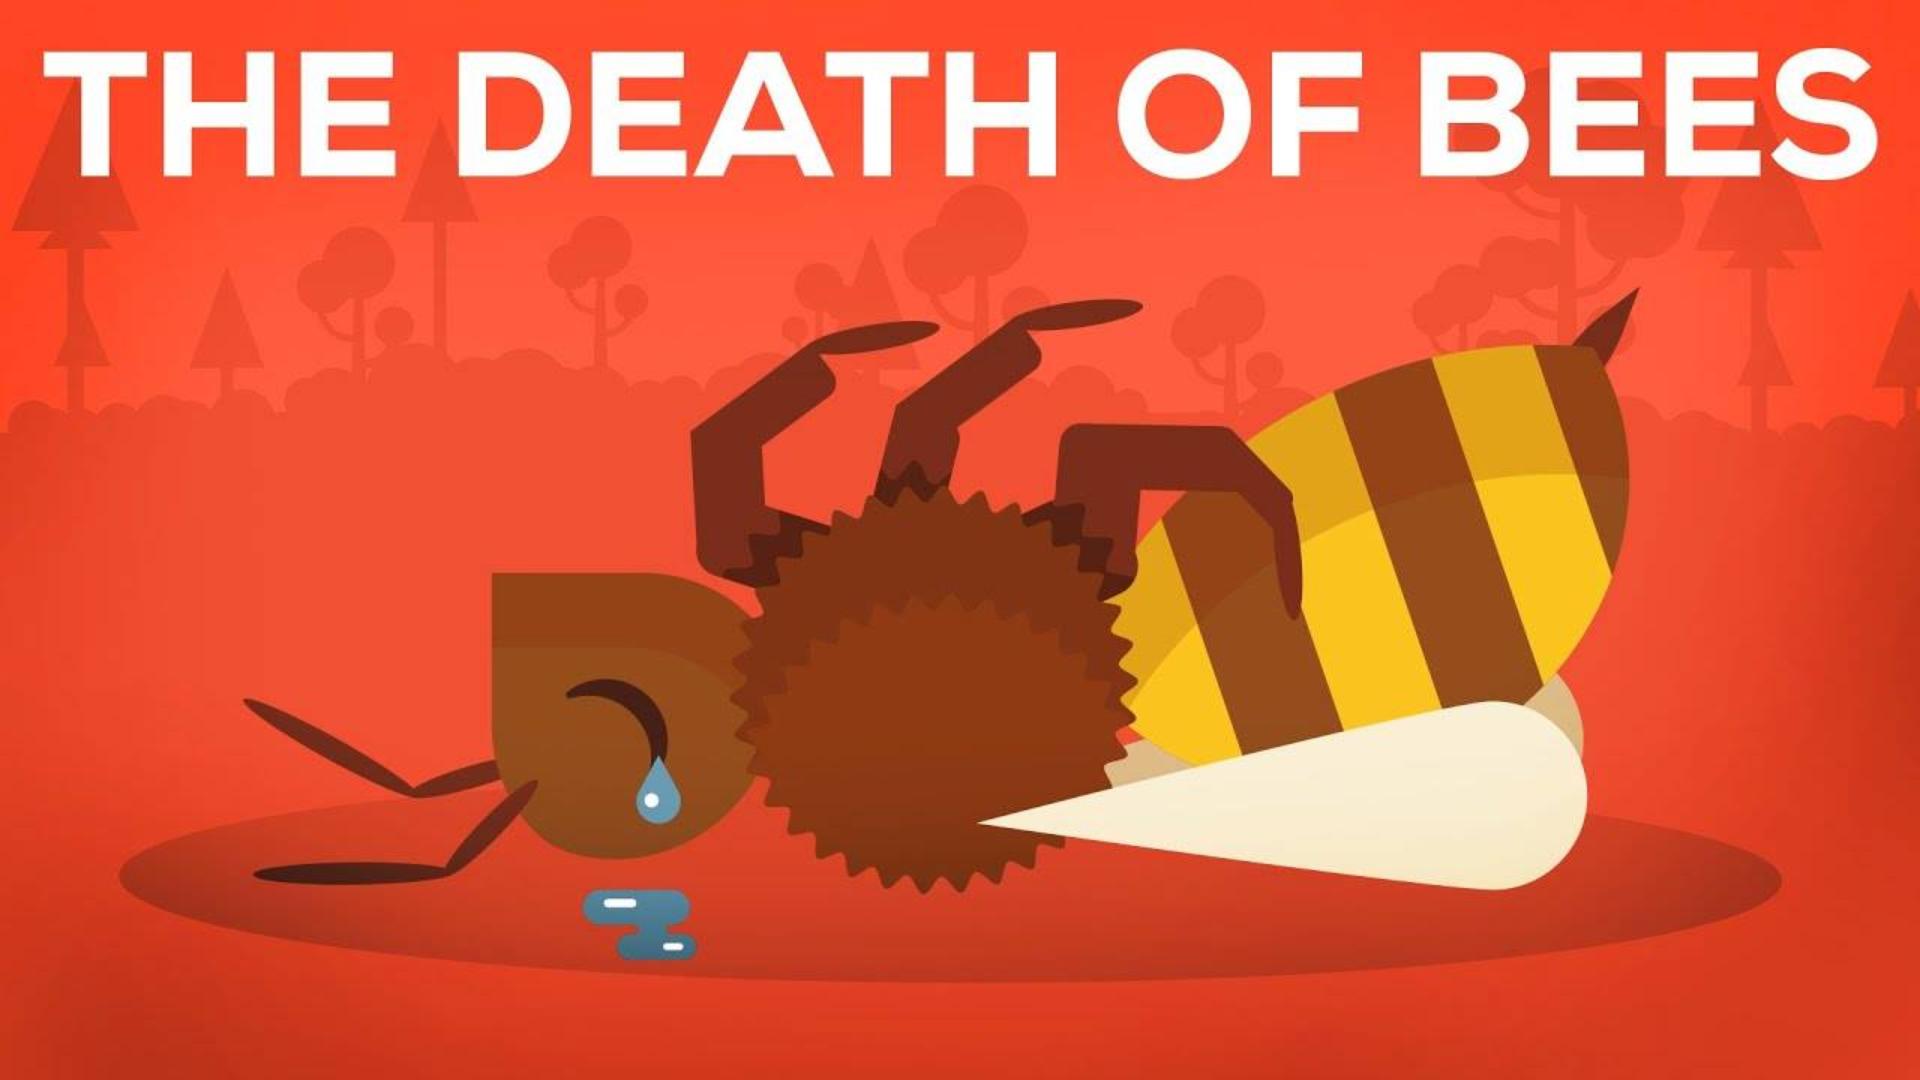 蜜蜂之死的解释-寄生虫,毒药和人类